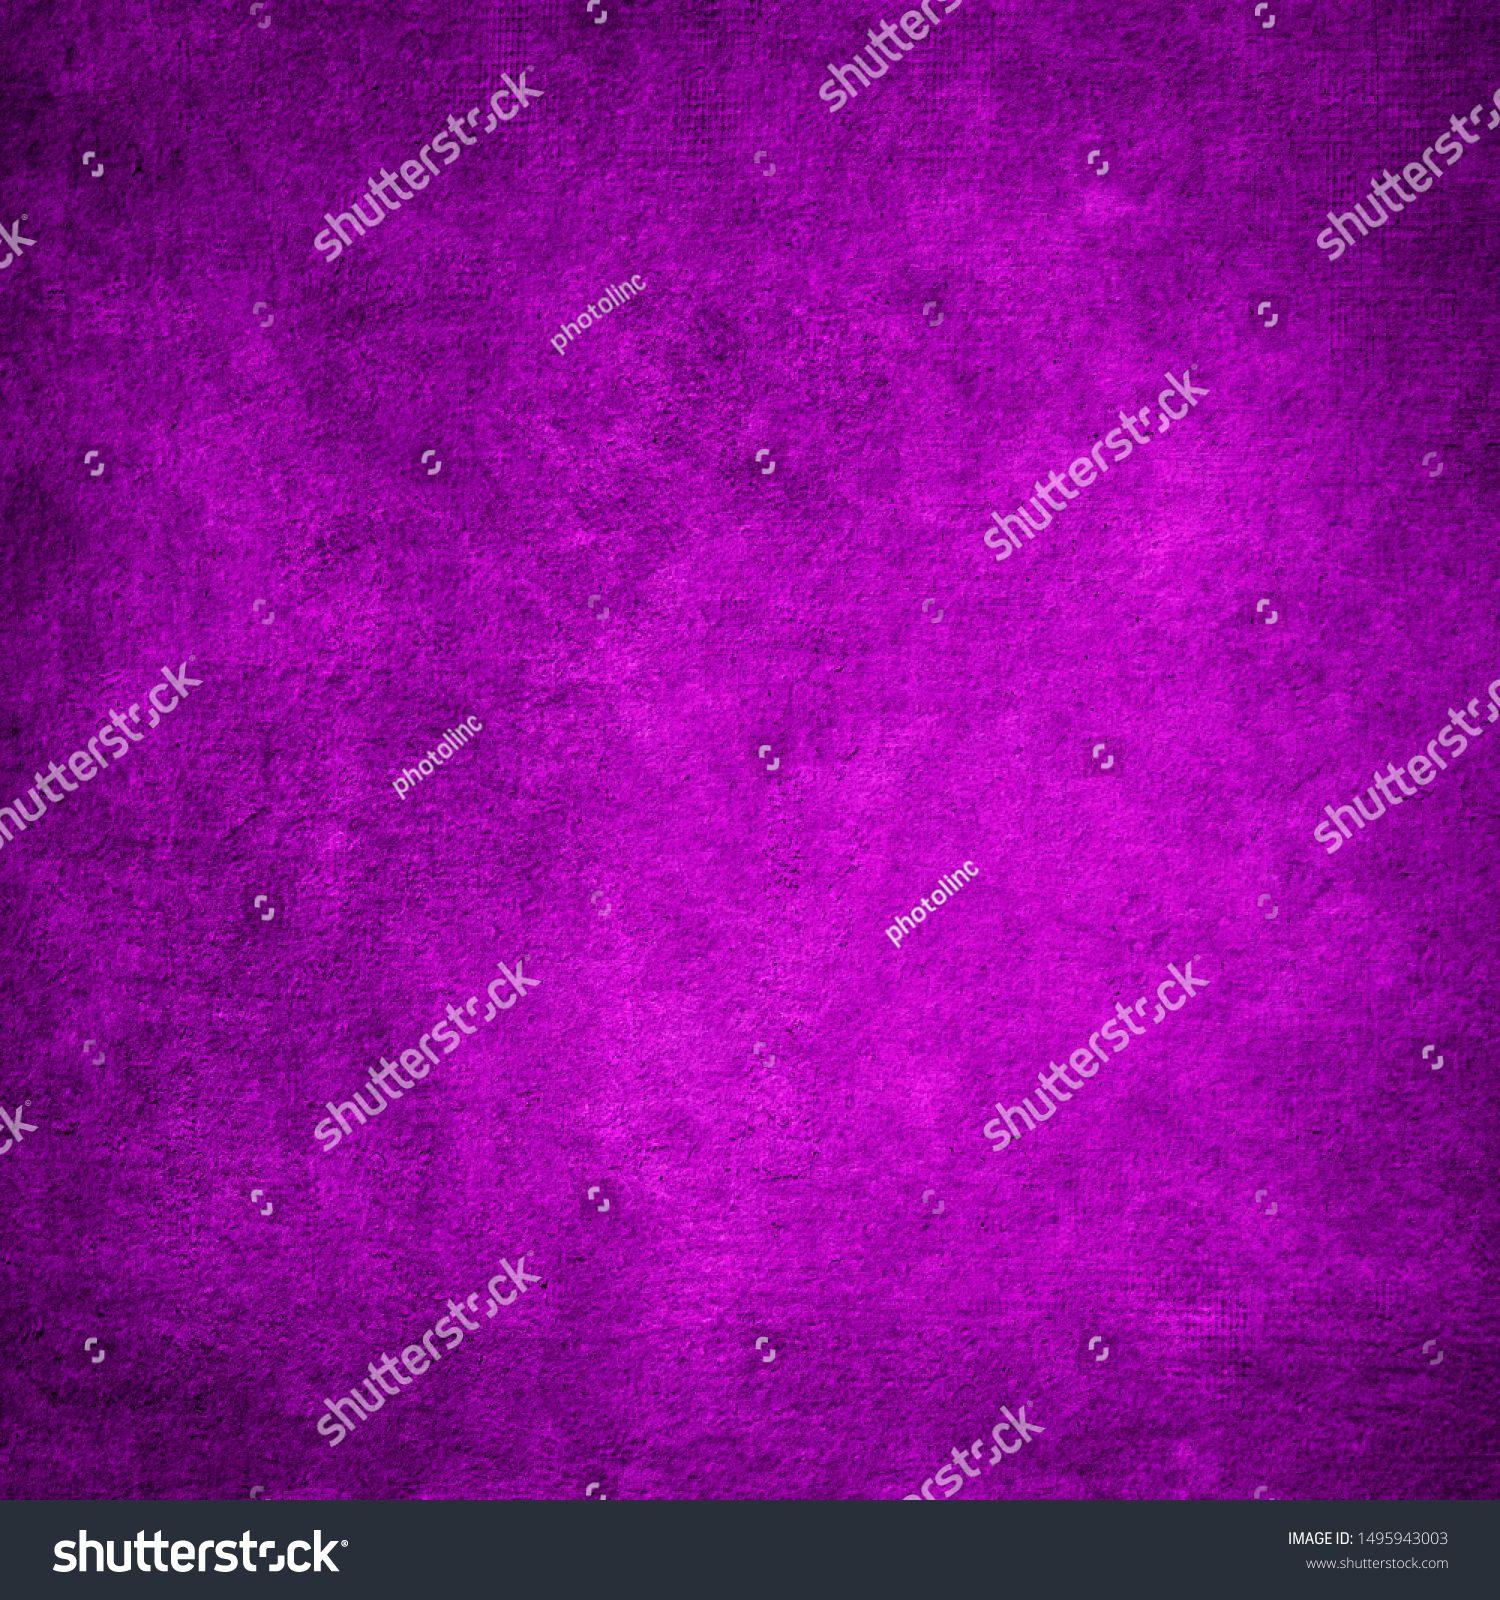 Pink Vintage Grunge Background Texture Royalty Free Image Illustration Vintage Grunge Textured Background Vintage Pink